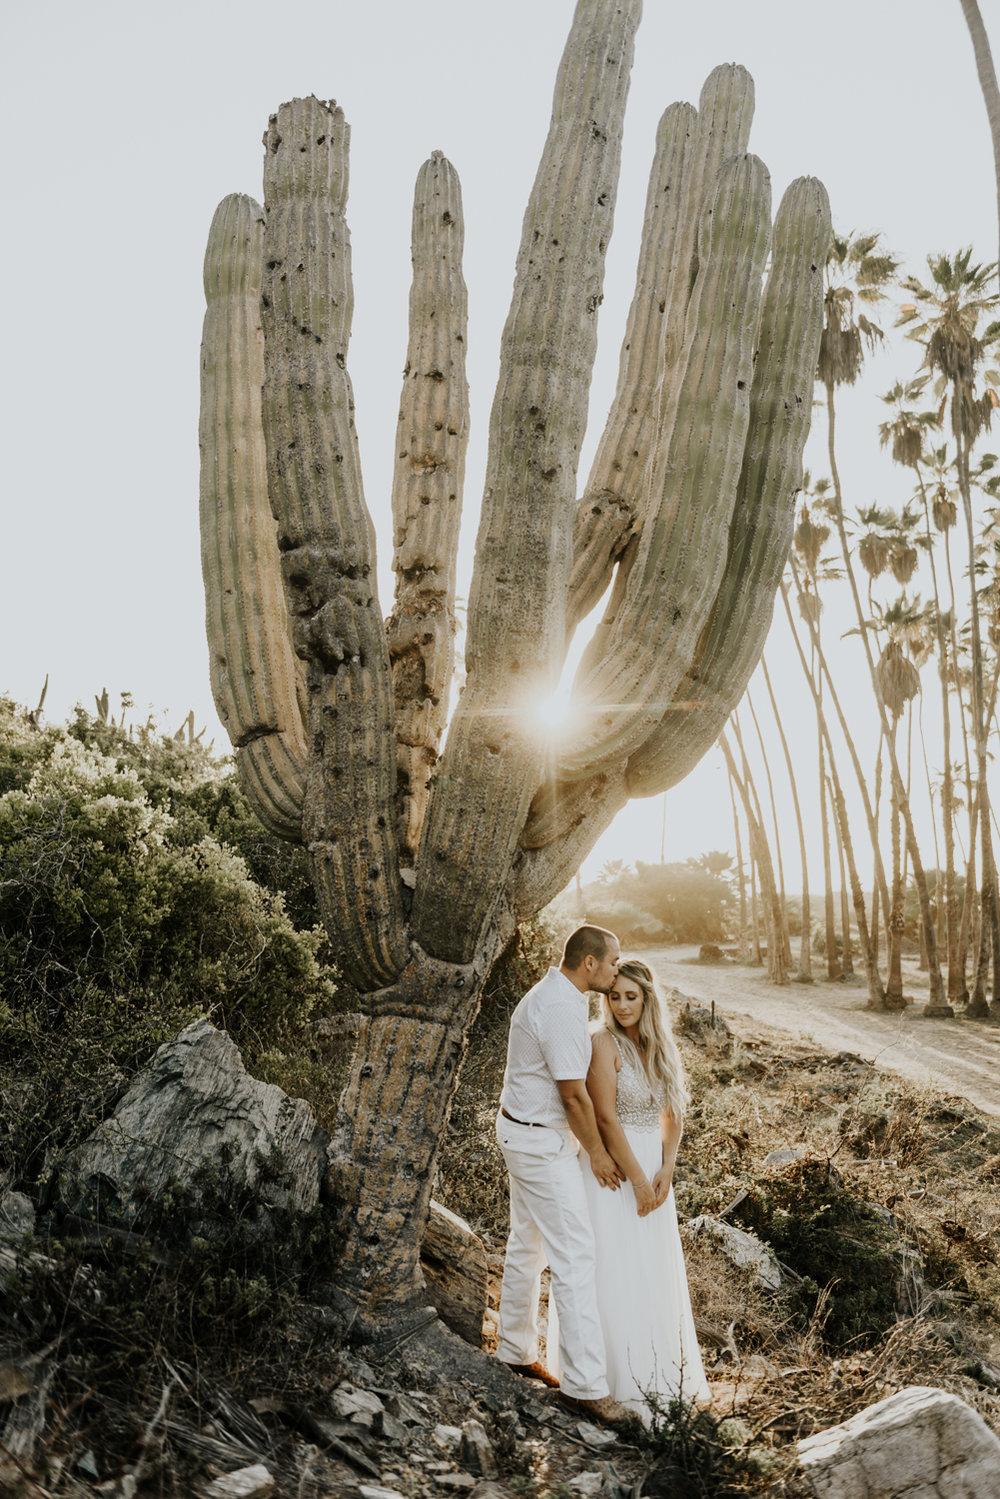 Elopement Photographer Todos Santos, Baja California Sur, Mexico